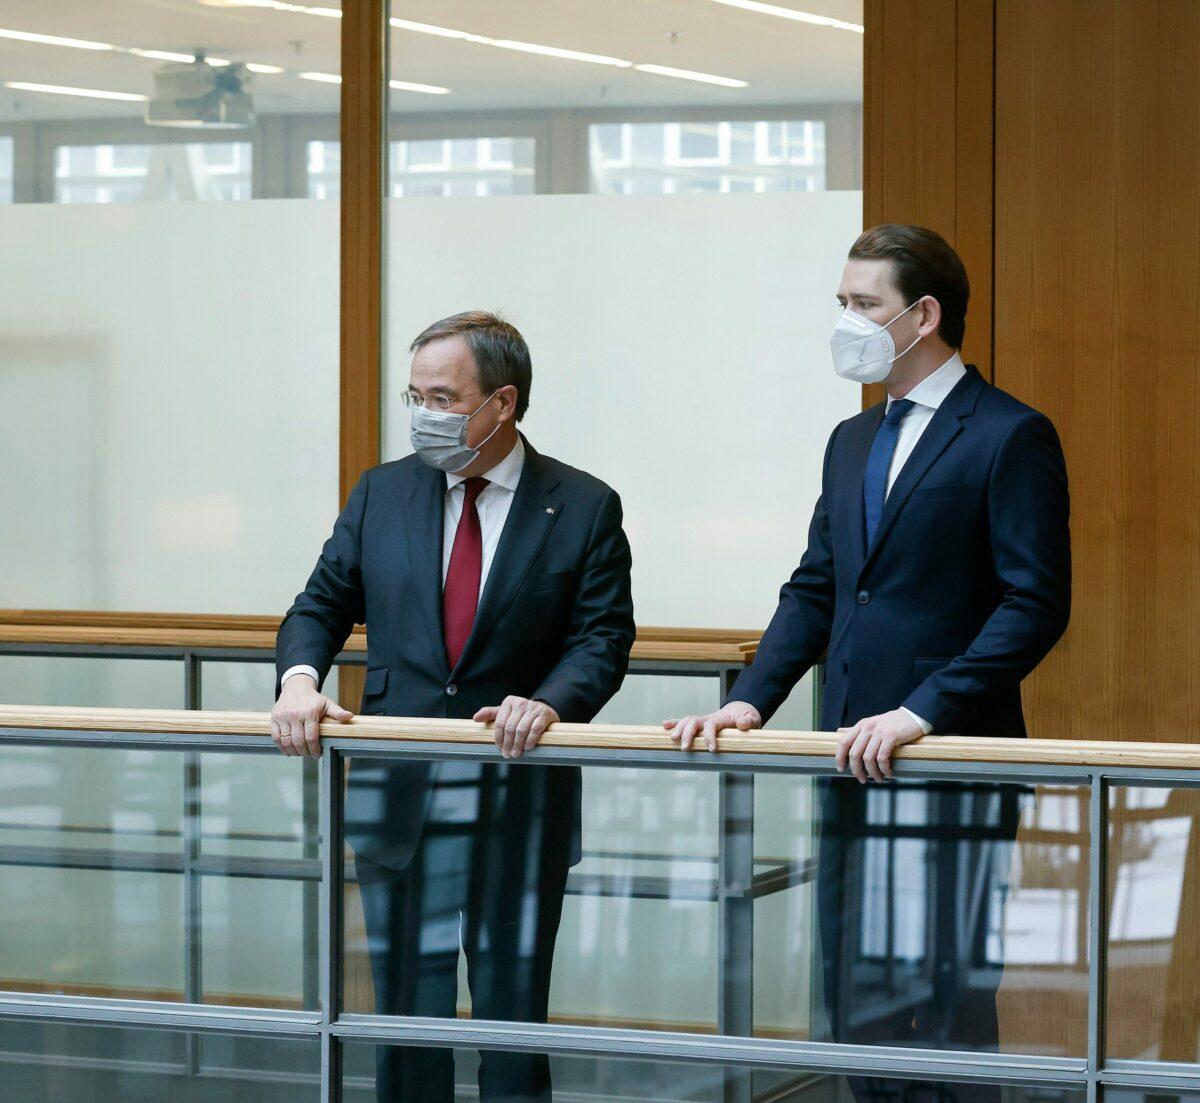 Möglicher CDU-Kandidat für die Bundestagswahl Armin Laschet mit Sebastian Kurz in Berlin. Foto: BKA/ Dragan Tatic